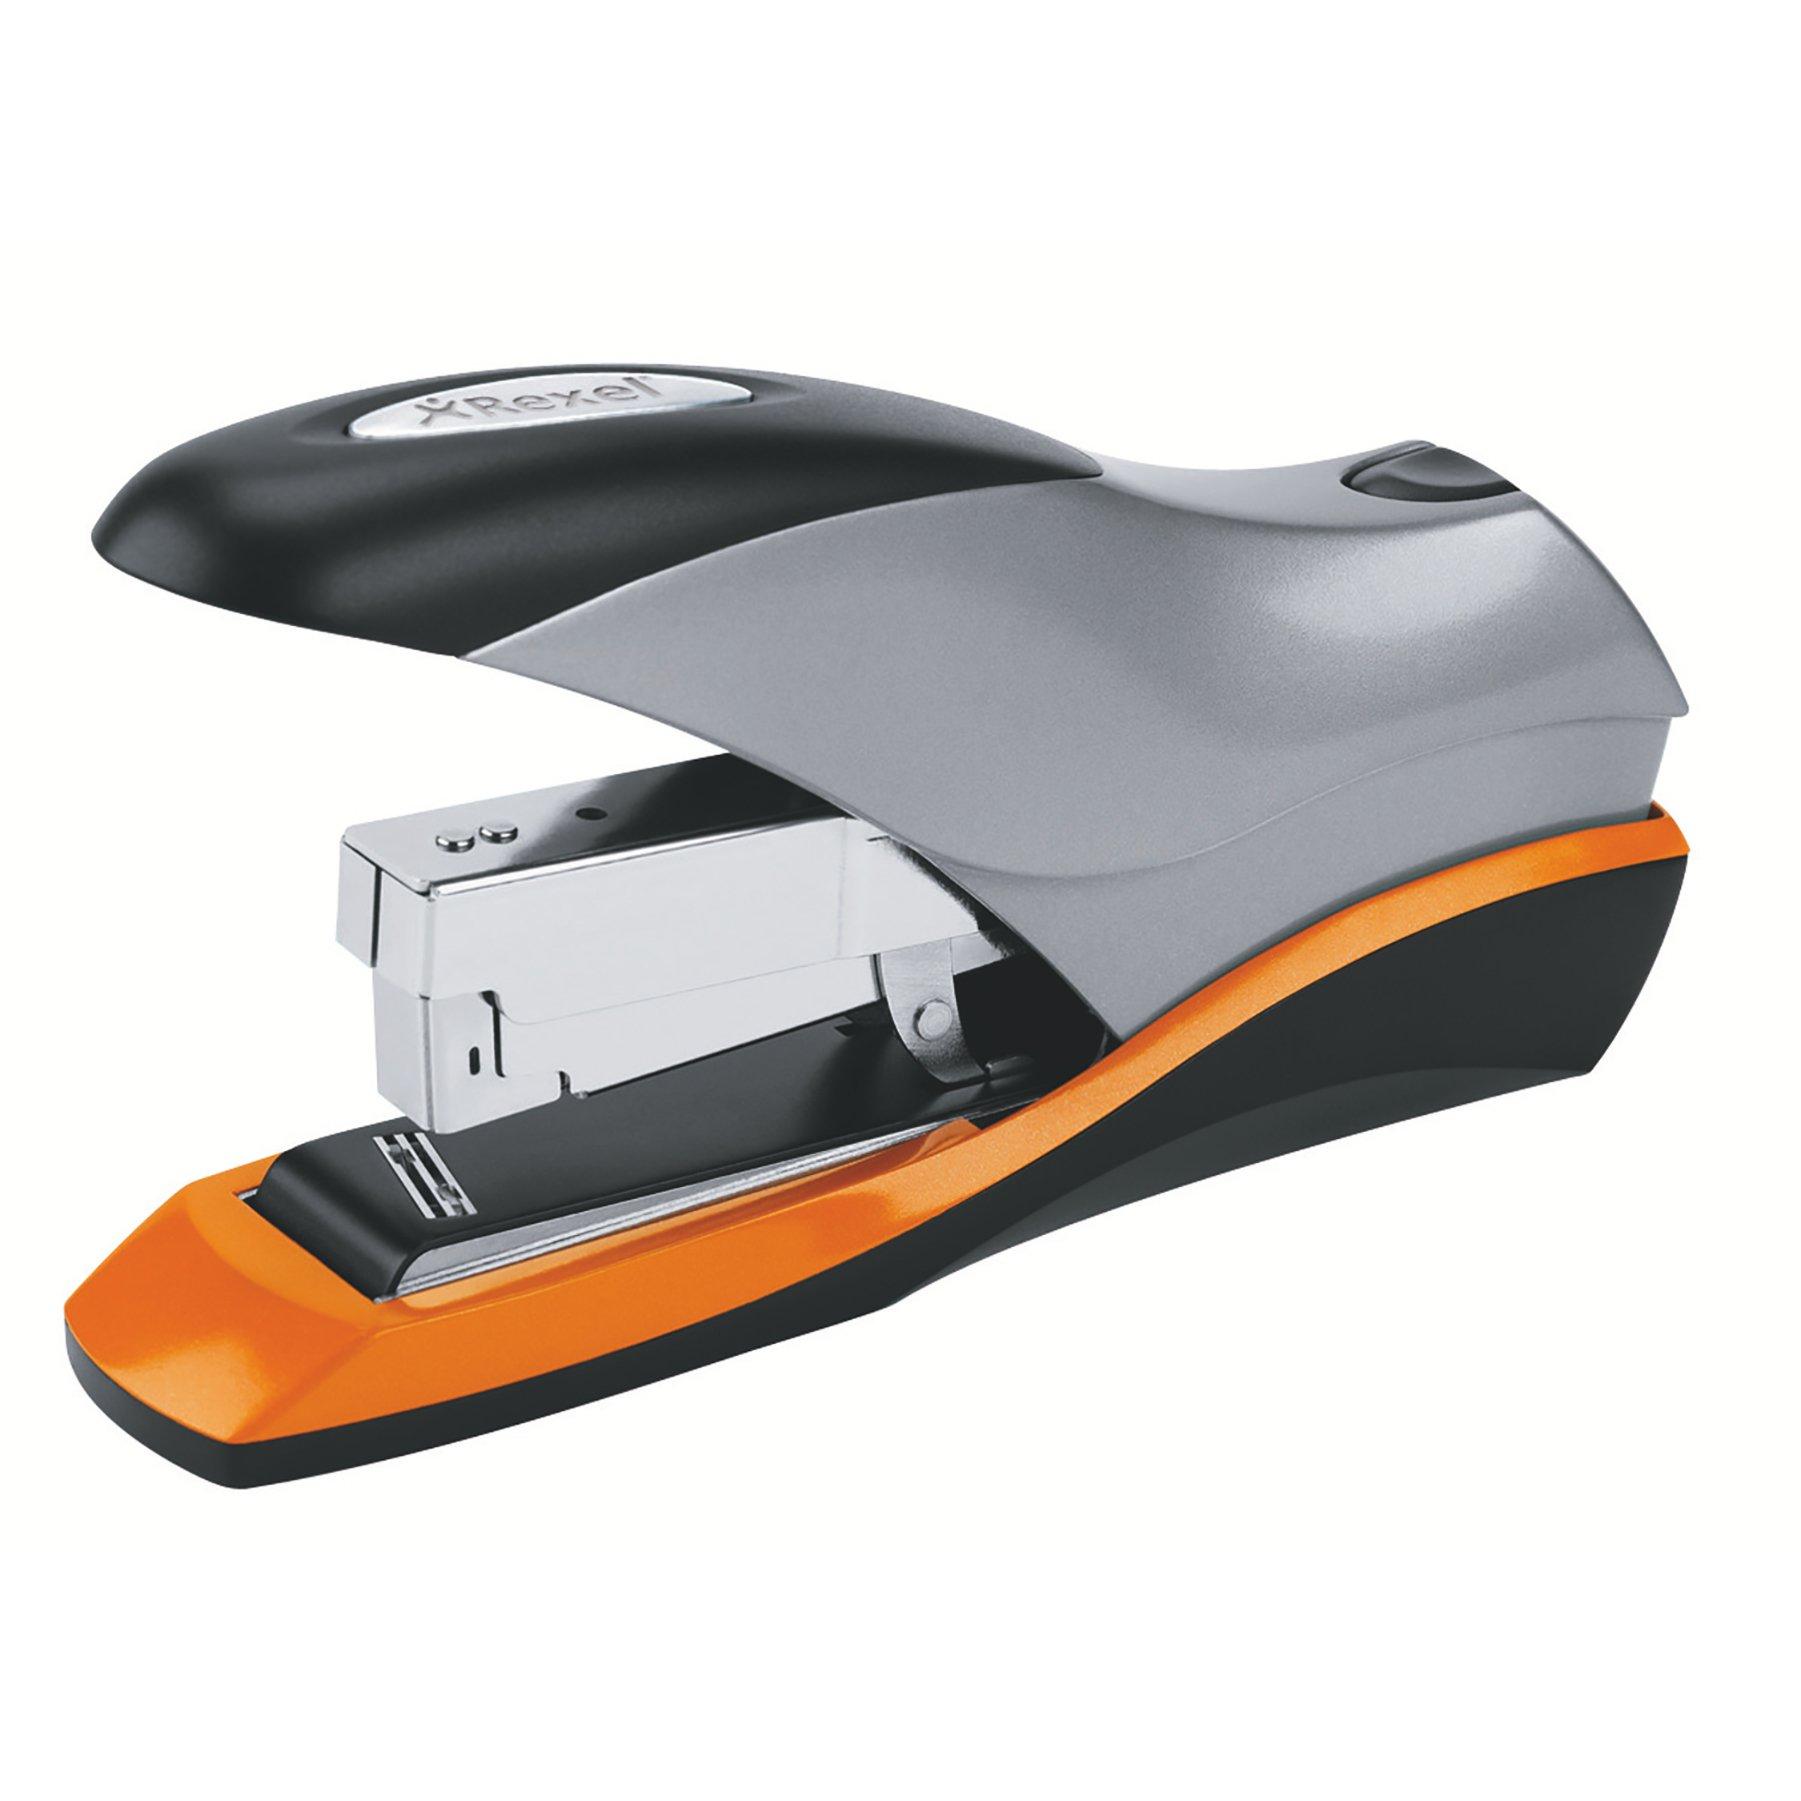 Rexel Optima 70 Manual Stapler 2102359